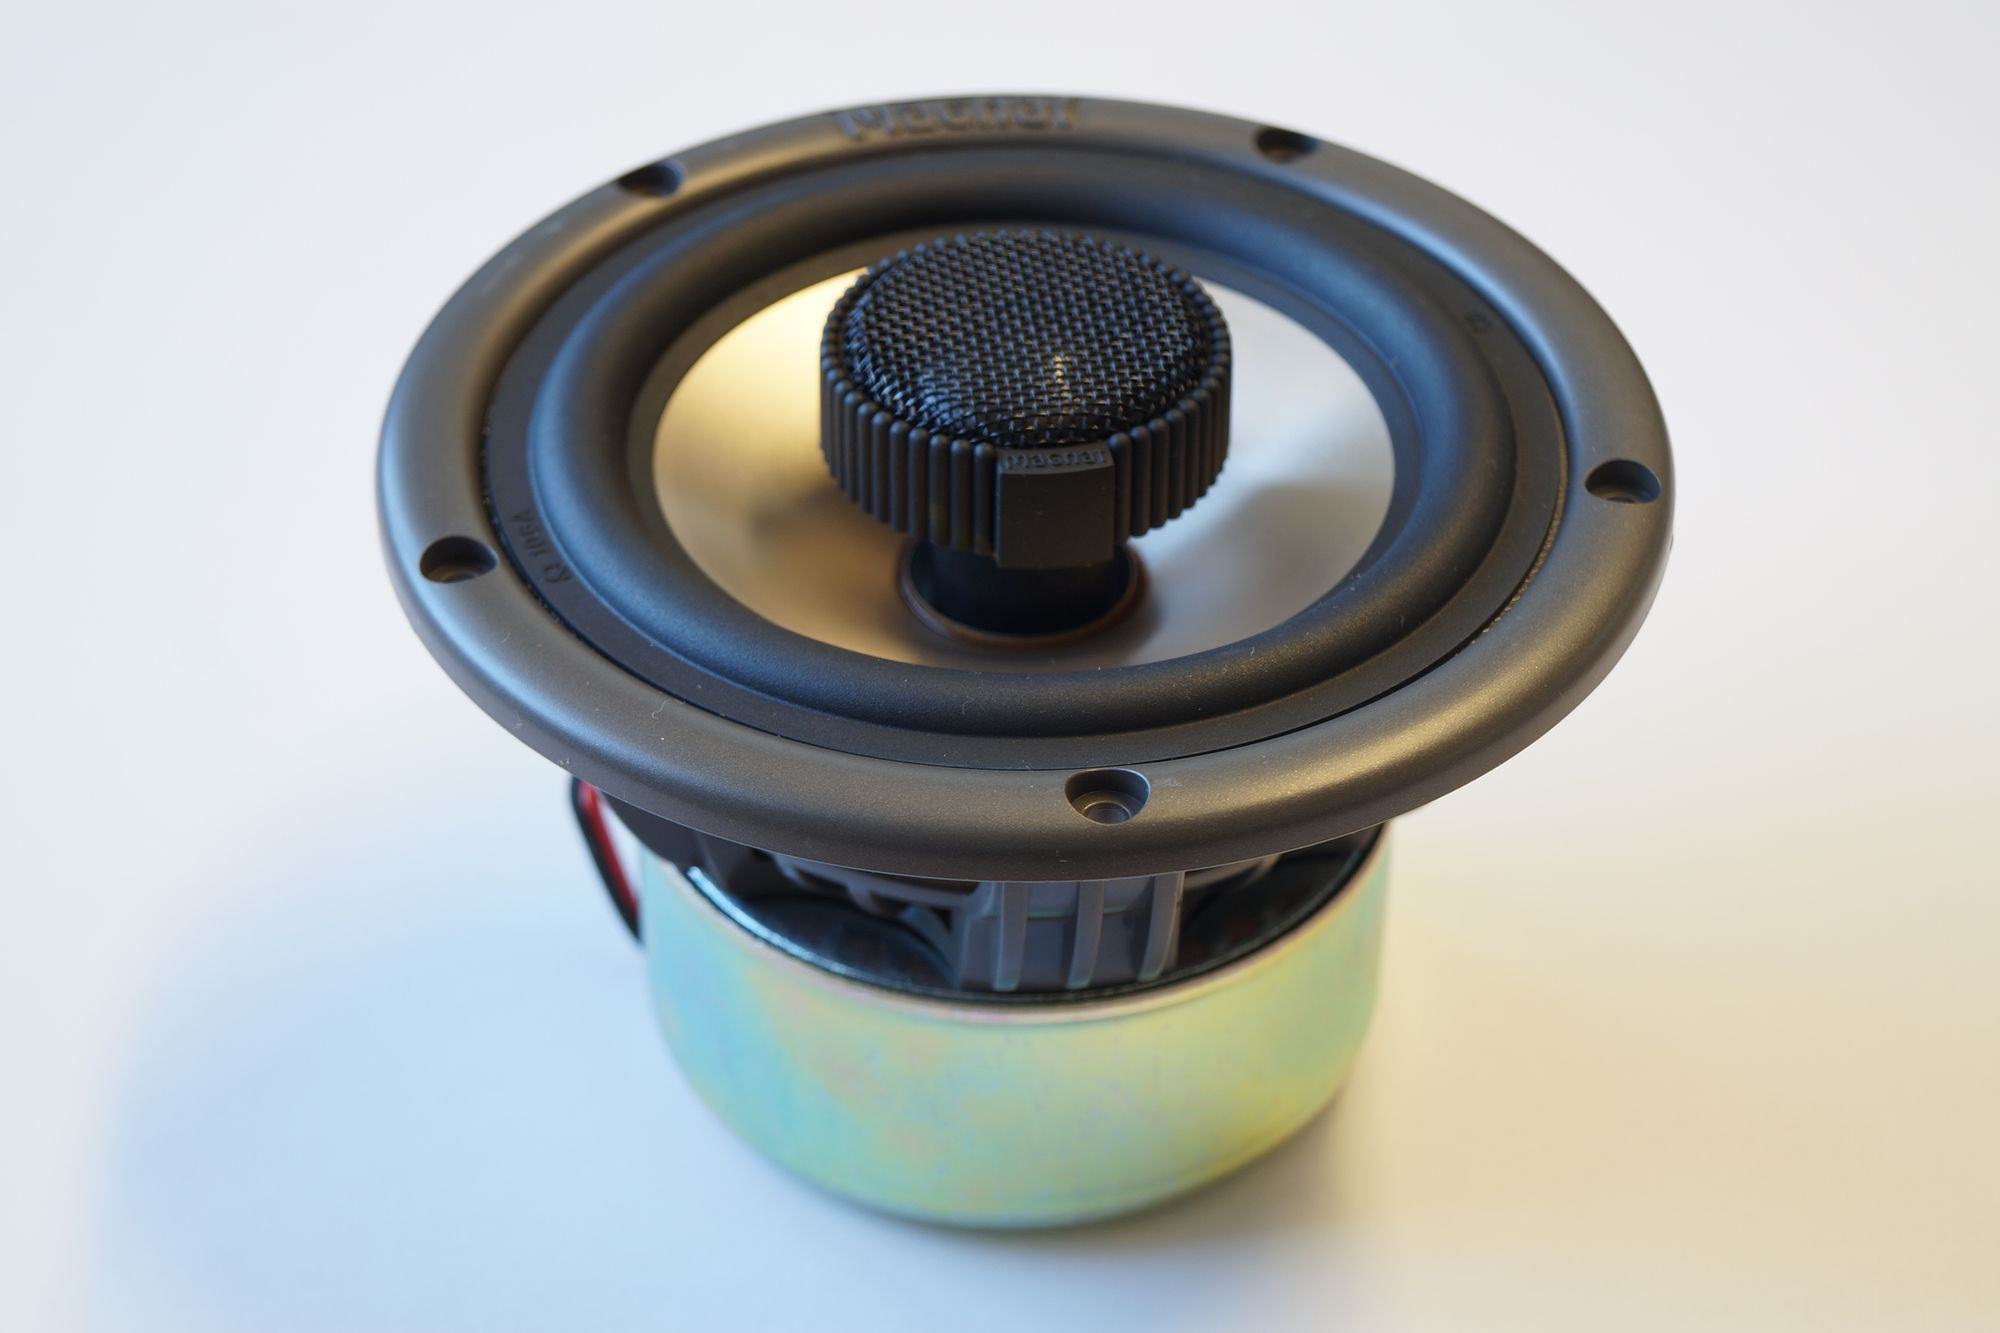 1 Stück 135 mm 2-Wege Koax Magnat MCO ABS 135 AL 485 S 150 Watt max., NEU – Bild 2